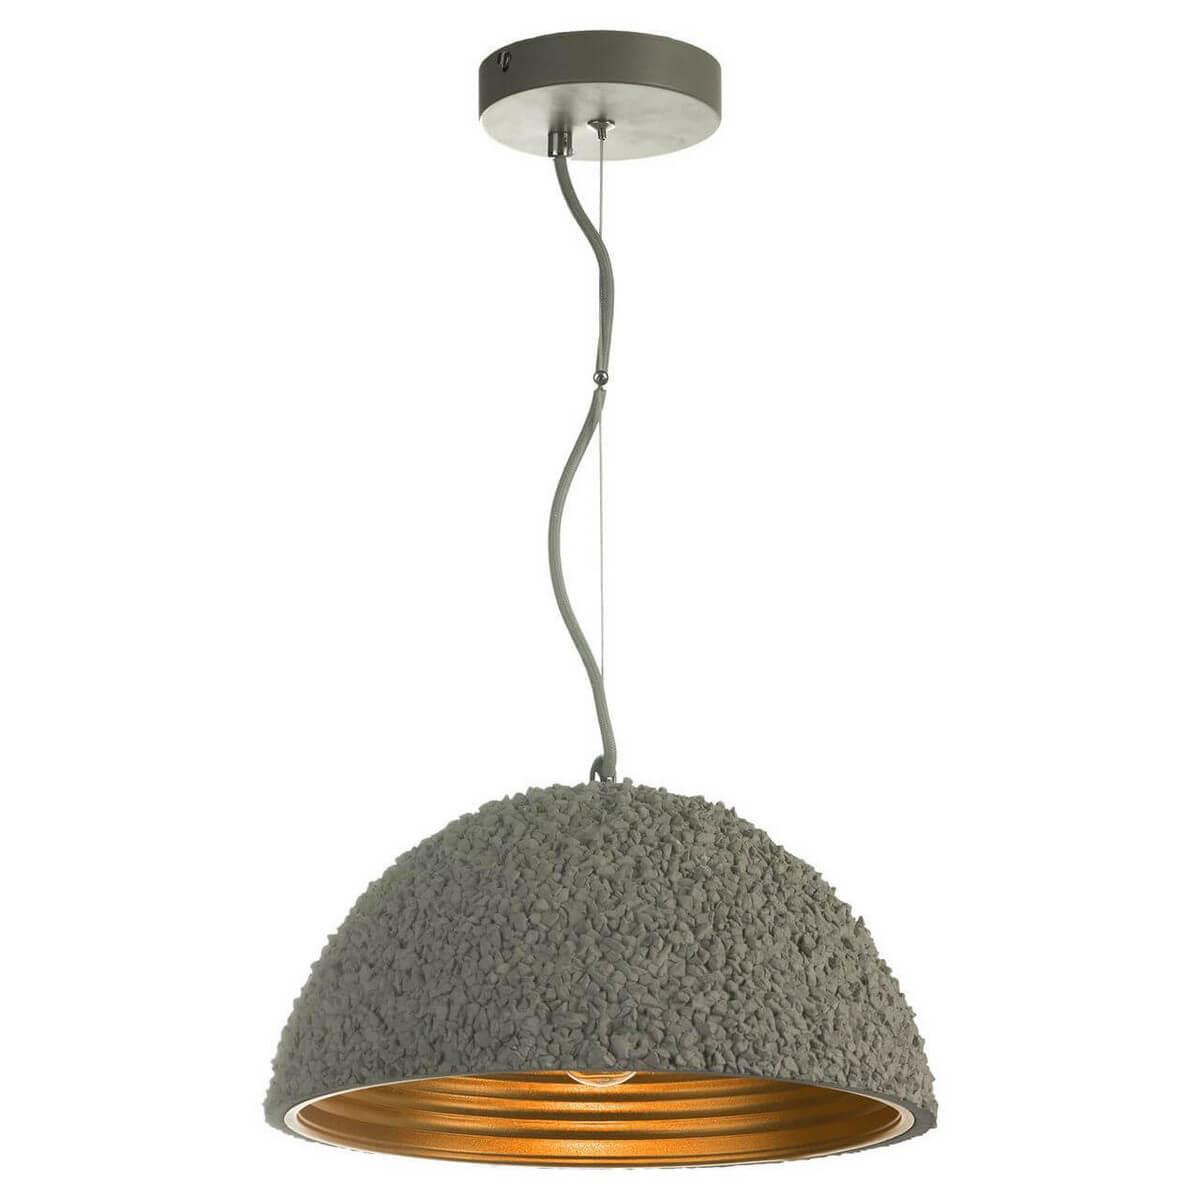 Подвесной светильник Lussole Loft GRLSP-9856 подвесной светильник lussole grlsp 9856 серый